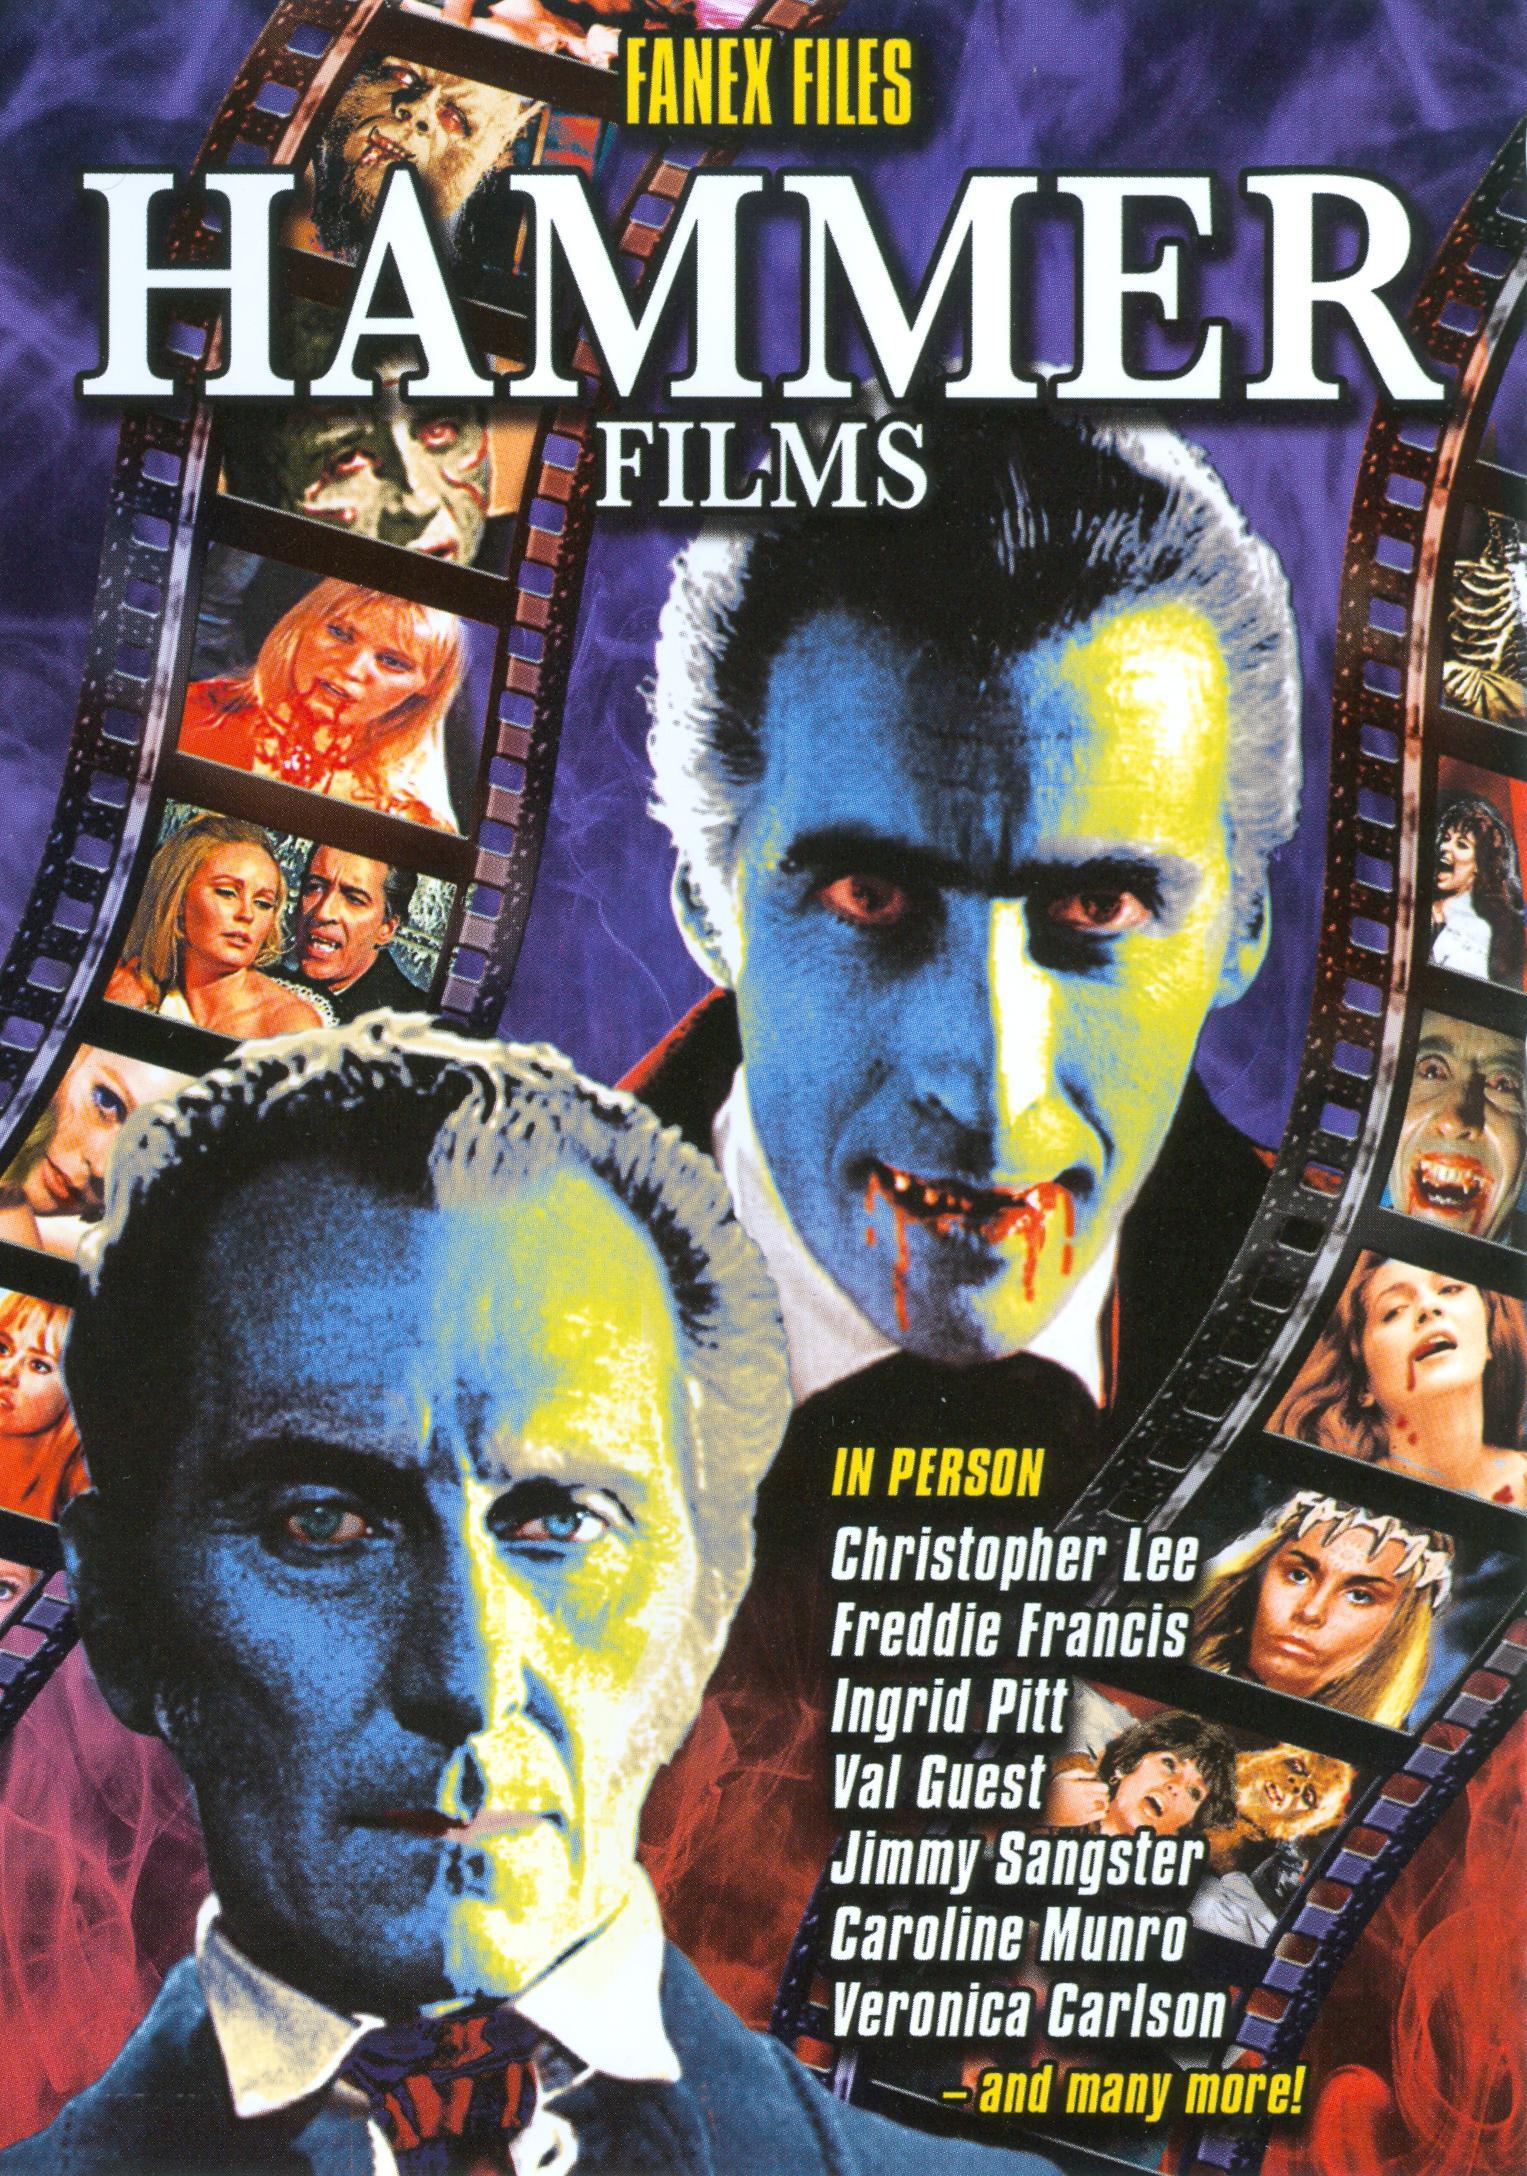 Fanex Files: Hammer Films (2008)